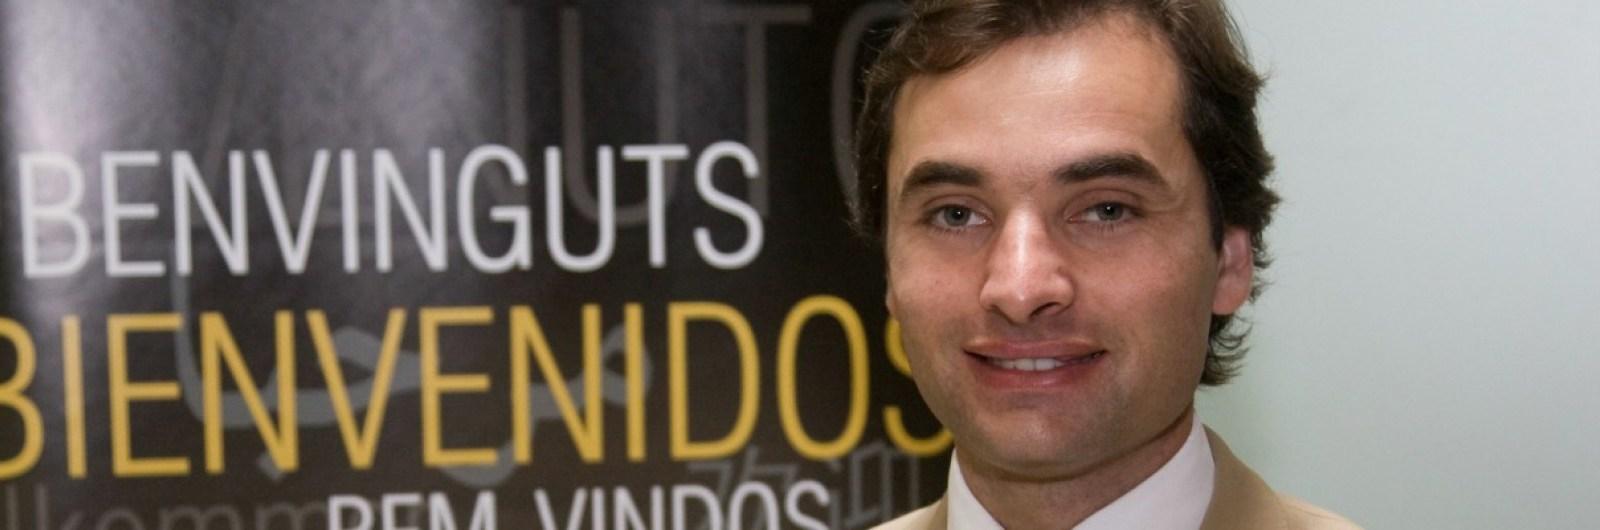 Ricardo Sousa, administrador da Century 21 Portugal